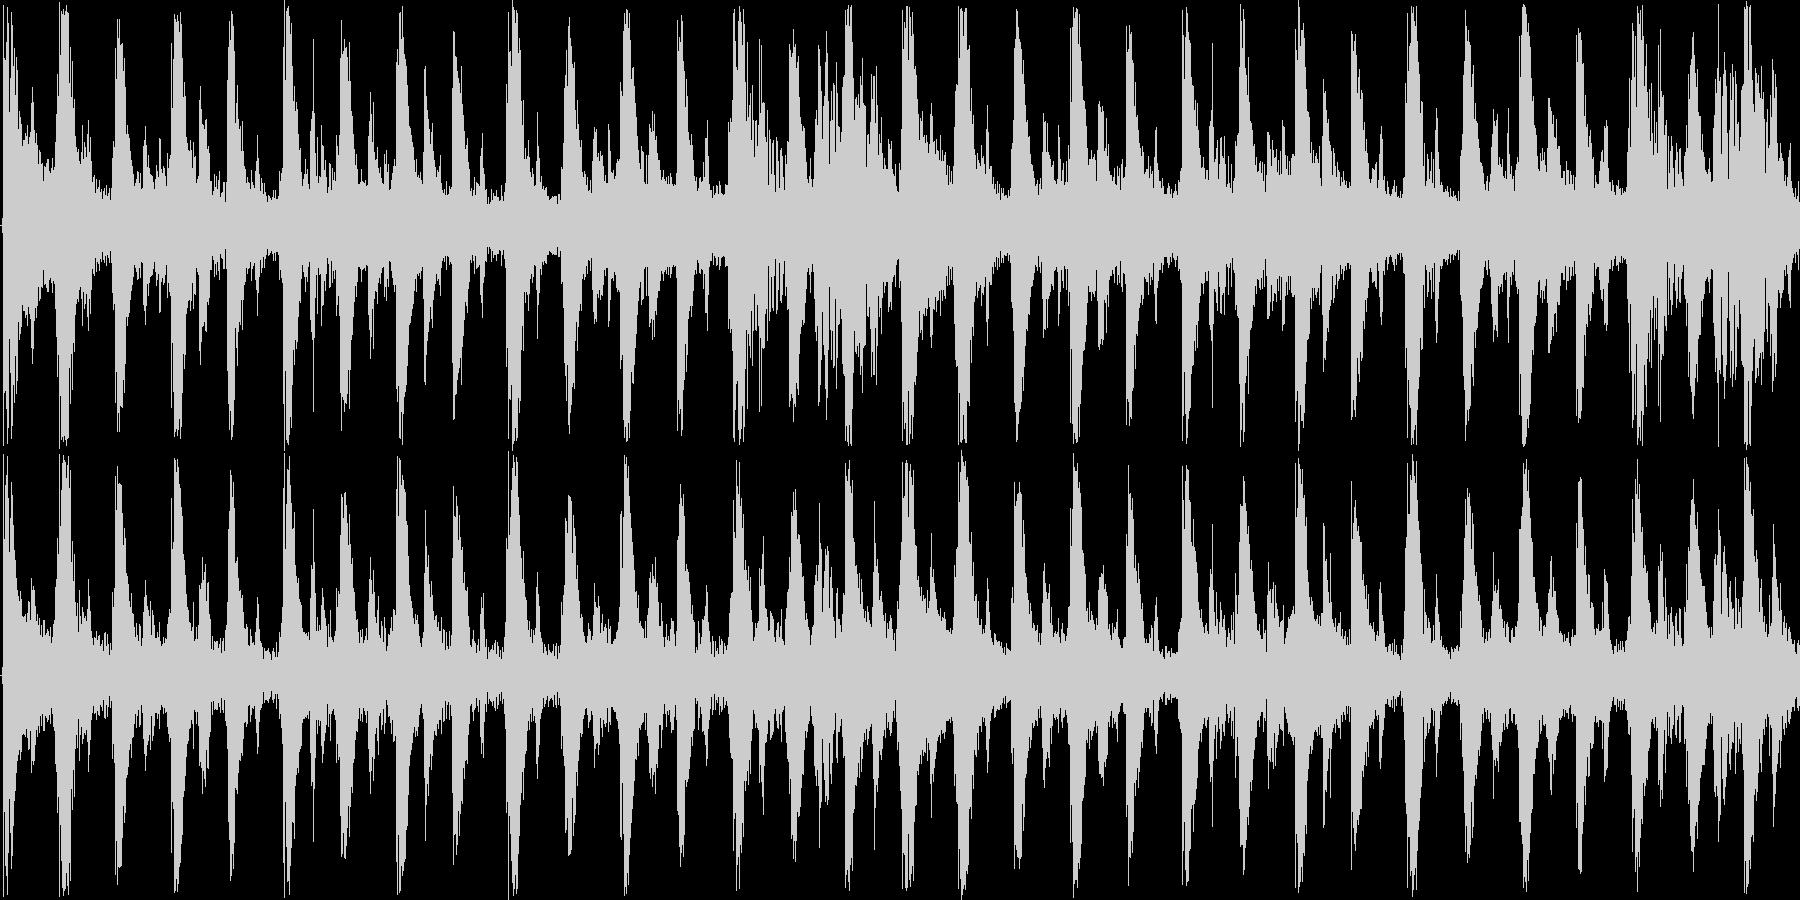 リズミカルなビートで軽快に前進-ループ可の未再生の波形